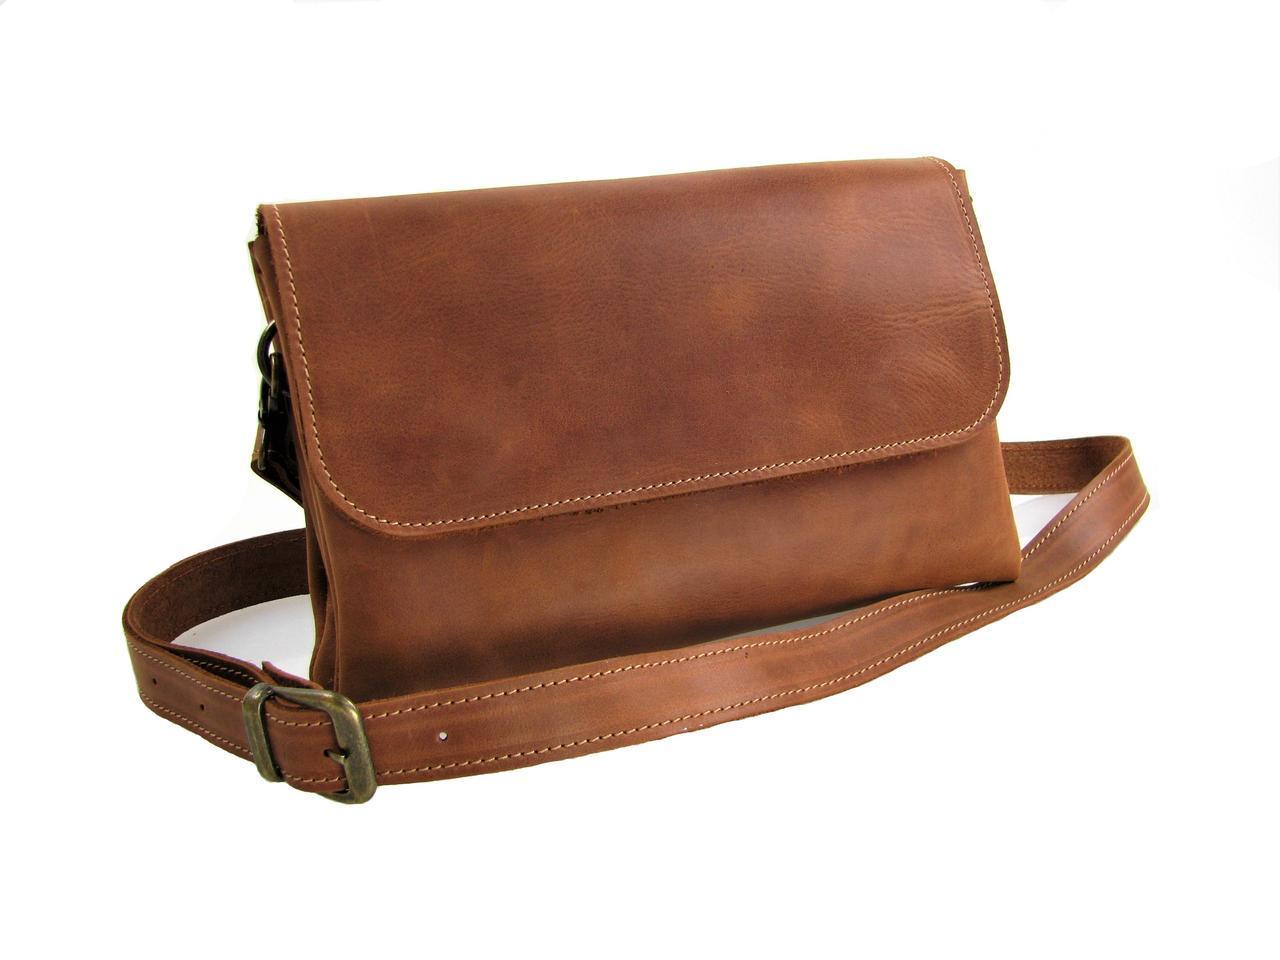 Женская кожаная сумка - клачт GS рыжая